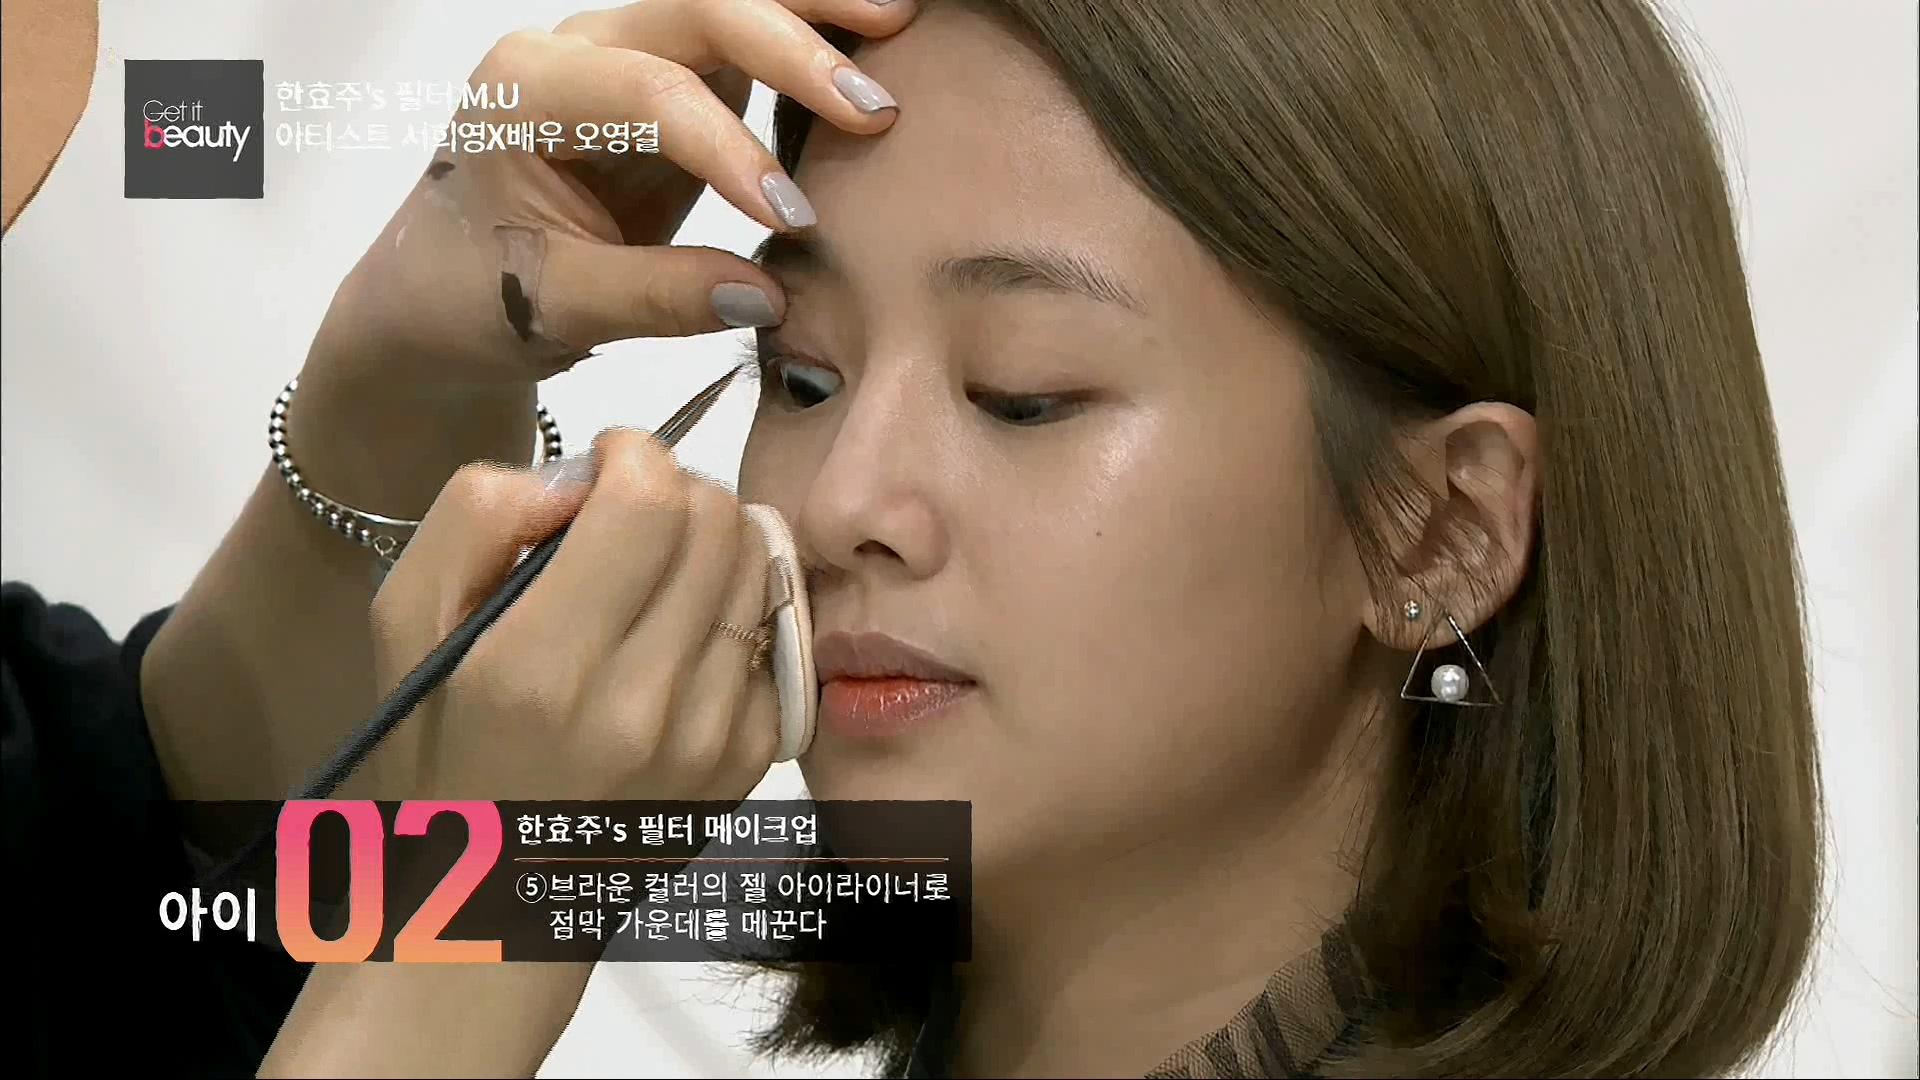 한효주's 필터 메이크업 #아이 브라운 컬러의 젤 아이라이너로 점막 가운데를 메꾼다